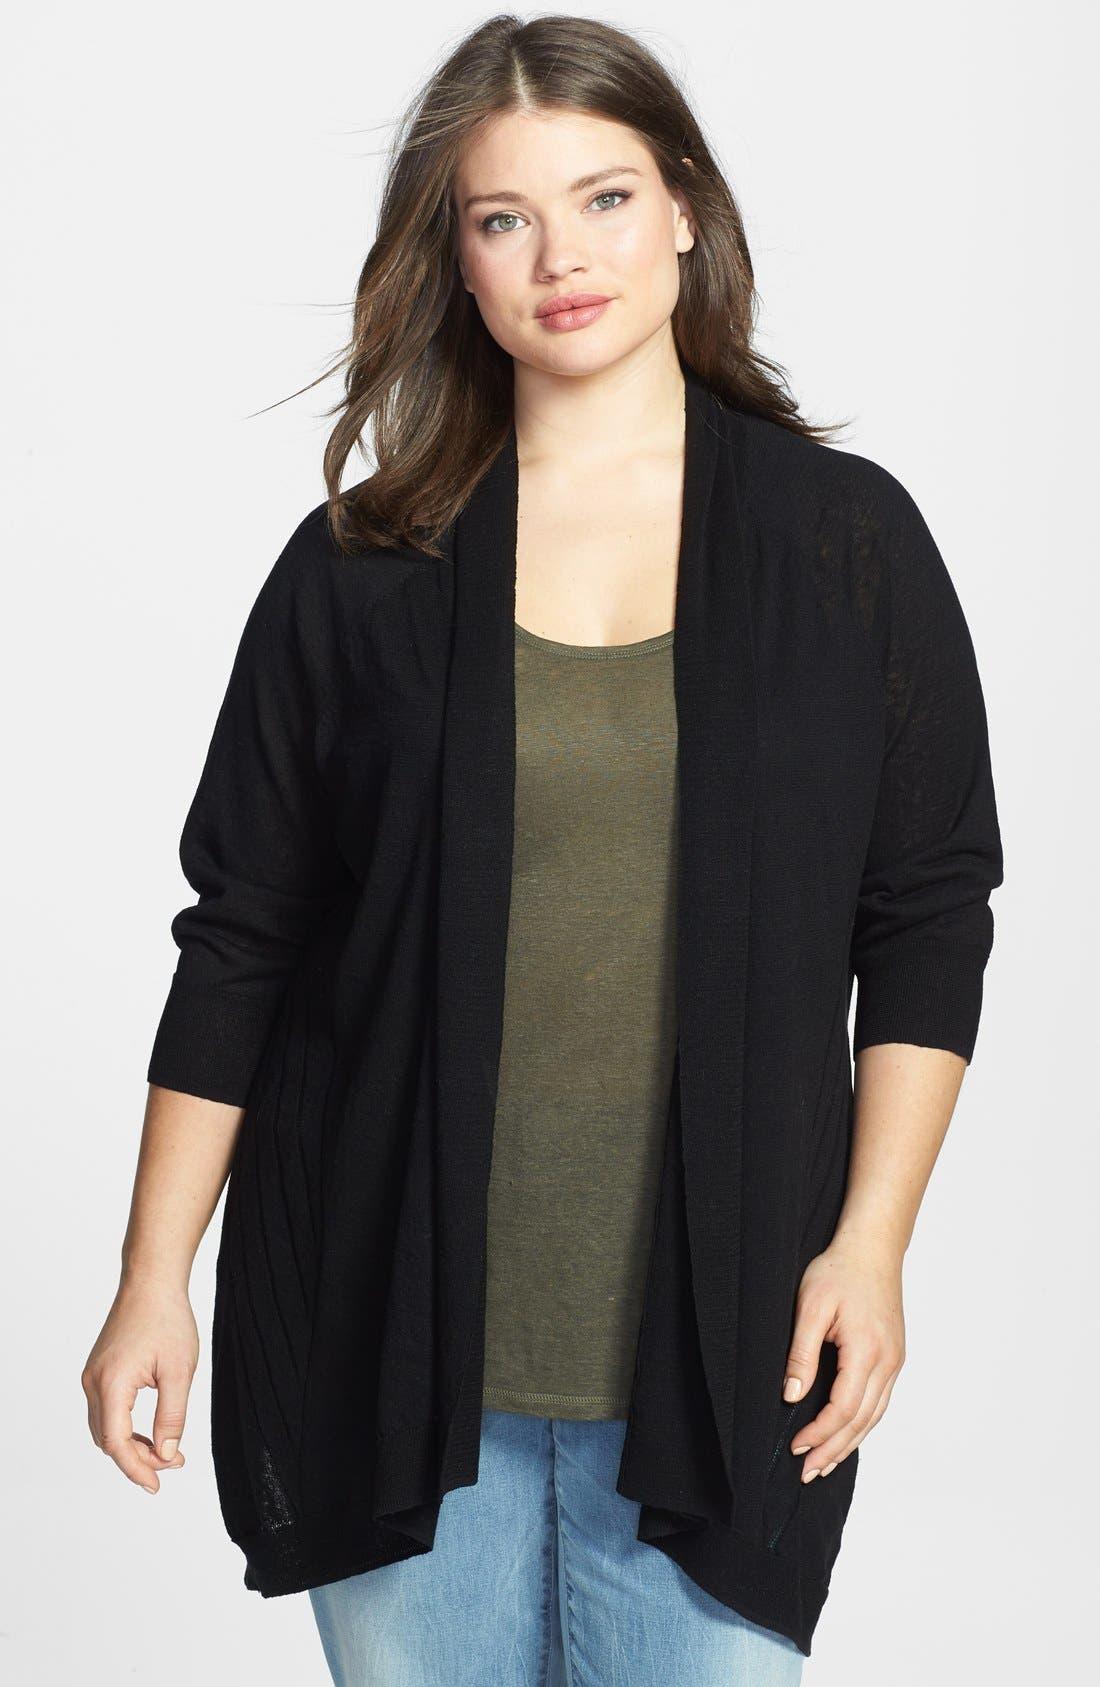 Alternate Image 1 Selected - Sejour Drape Front Linen Blend Cardigan (Plus Size)